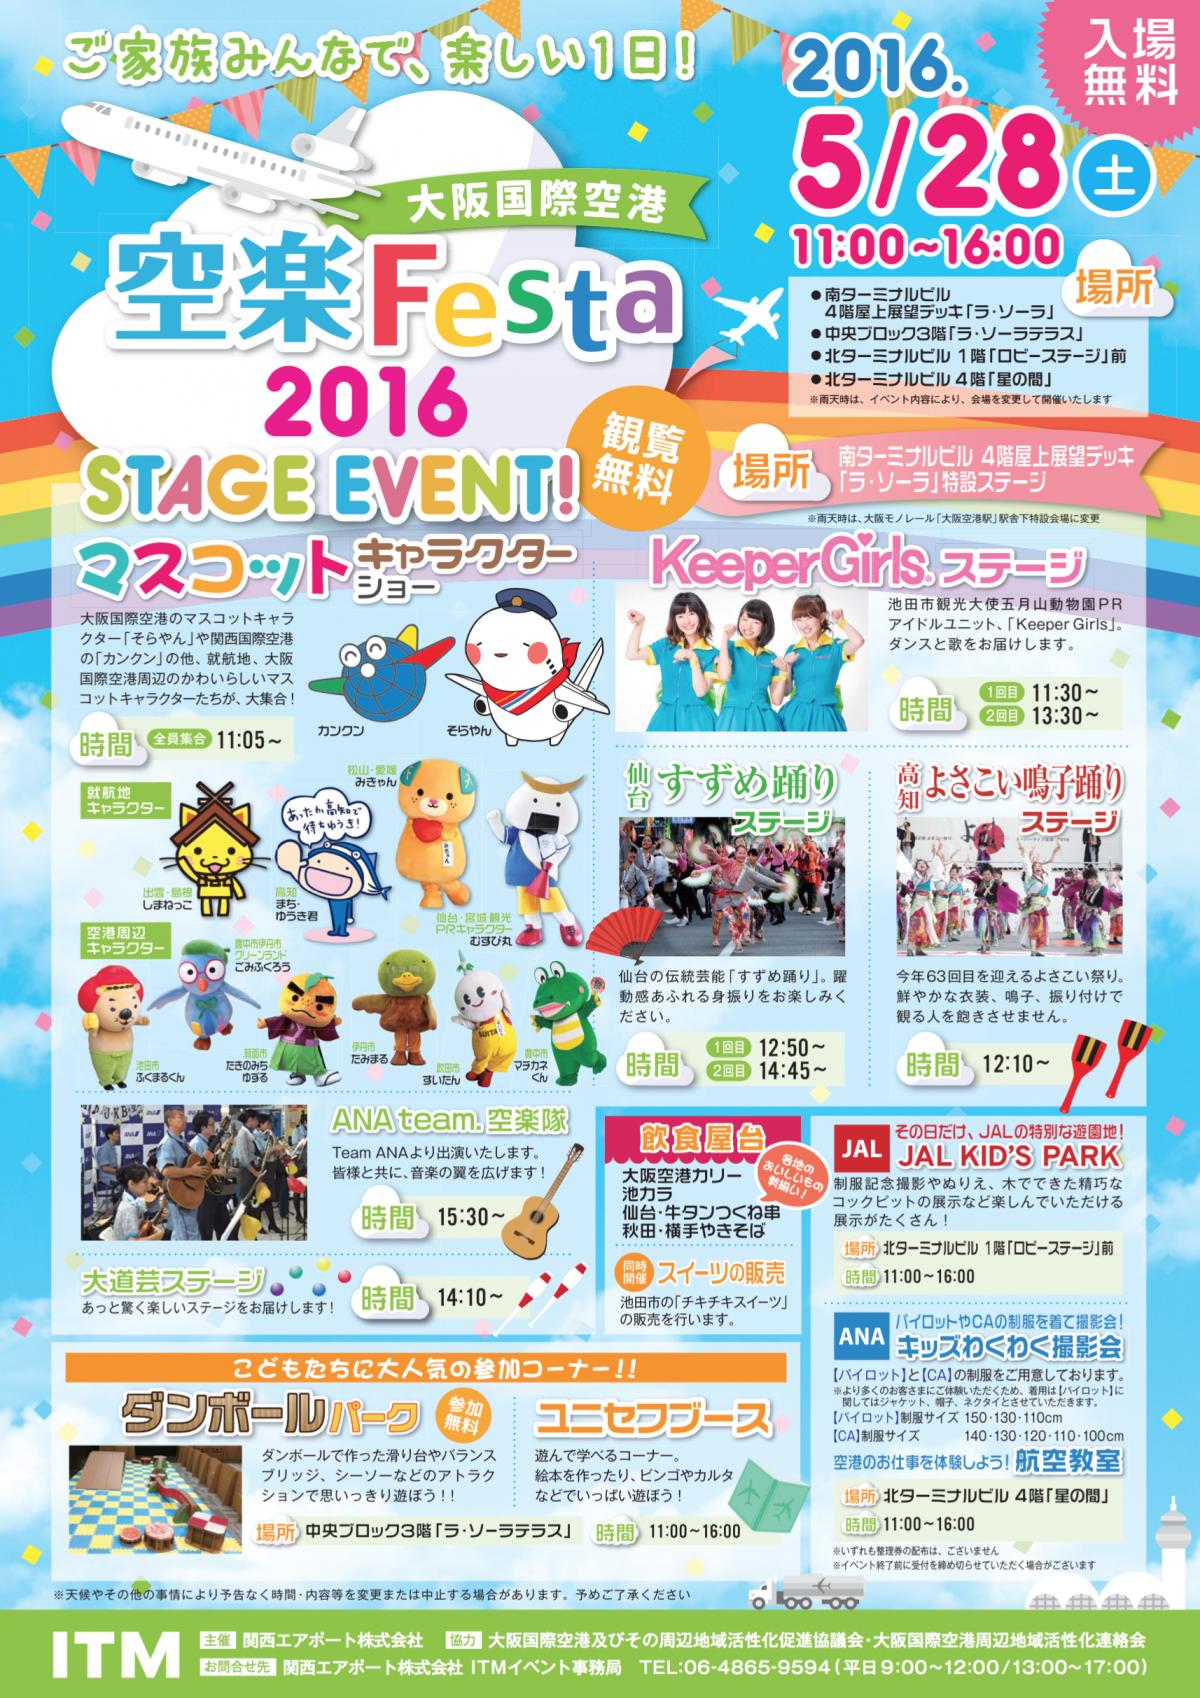 5月28日(土)大阪国際空港で、家族みんなで楽しめるイベント『空楽フェスタ2016』が開催されます。